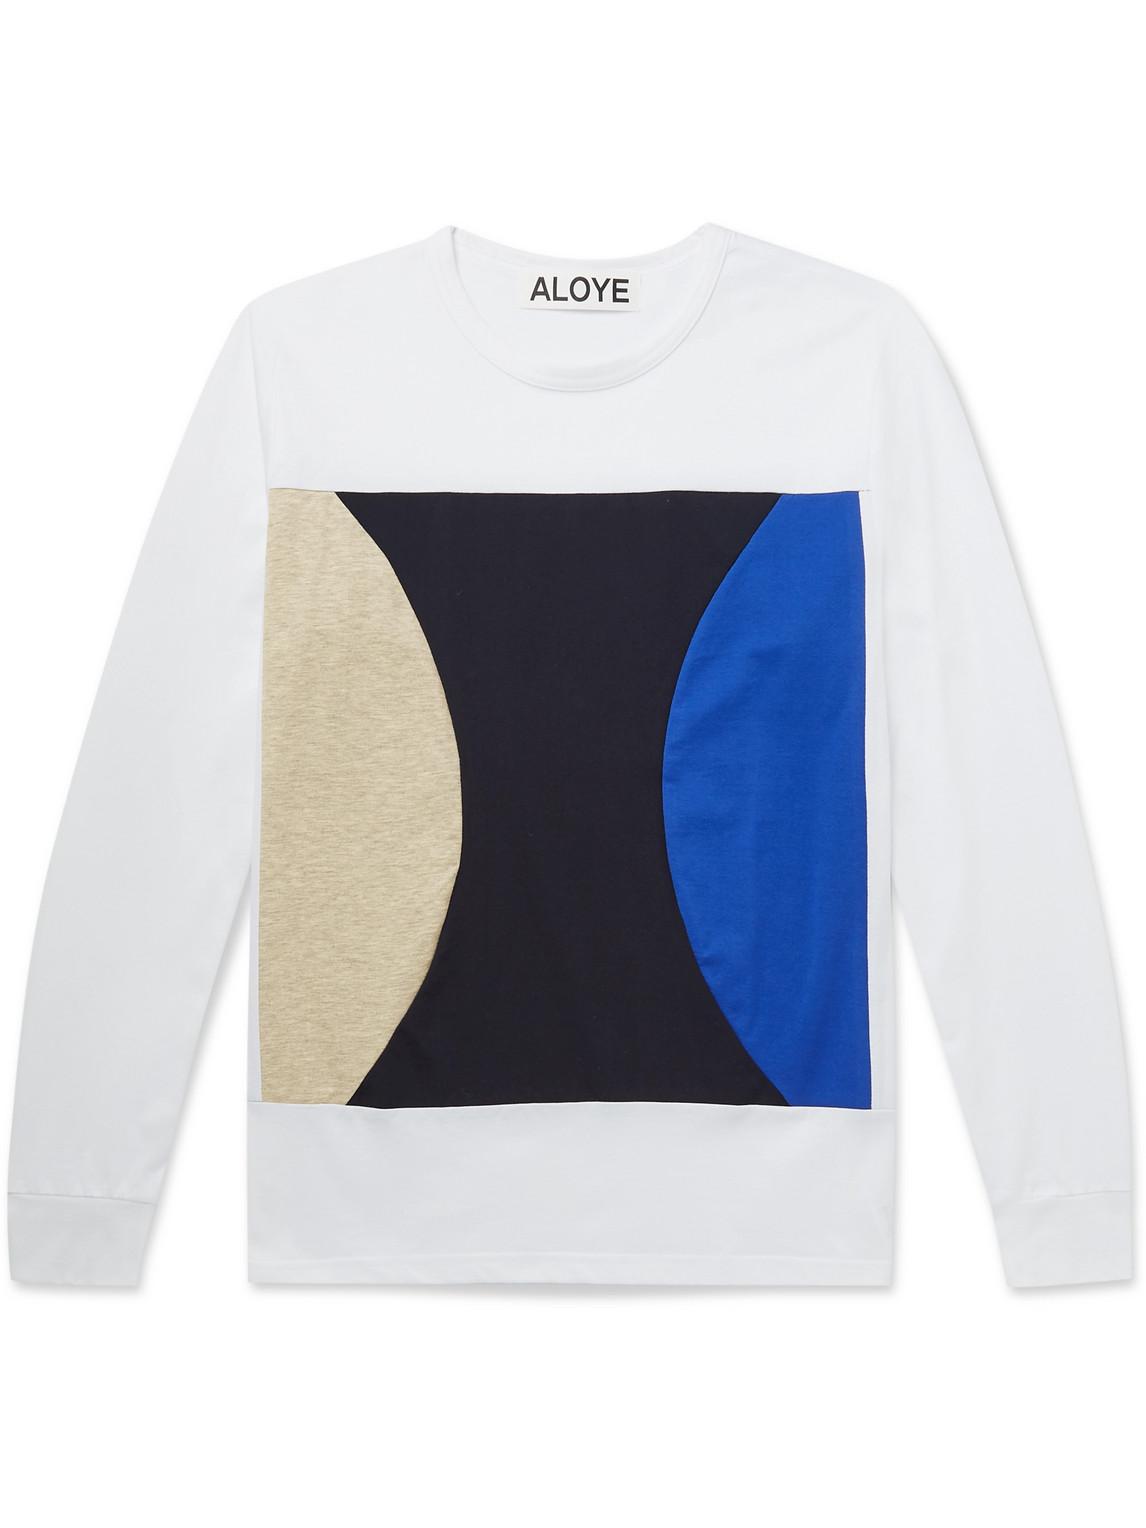 aloye - colour-block cotton-jersey t-shirt - men - white - s